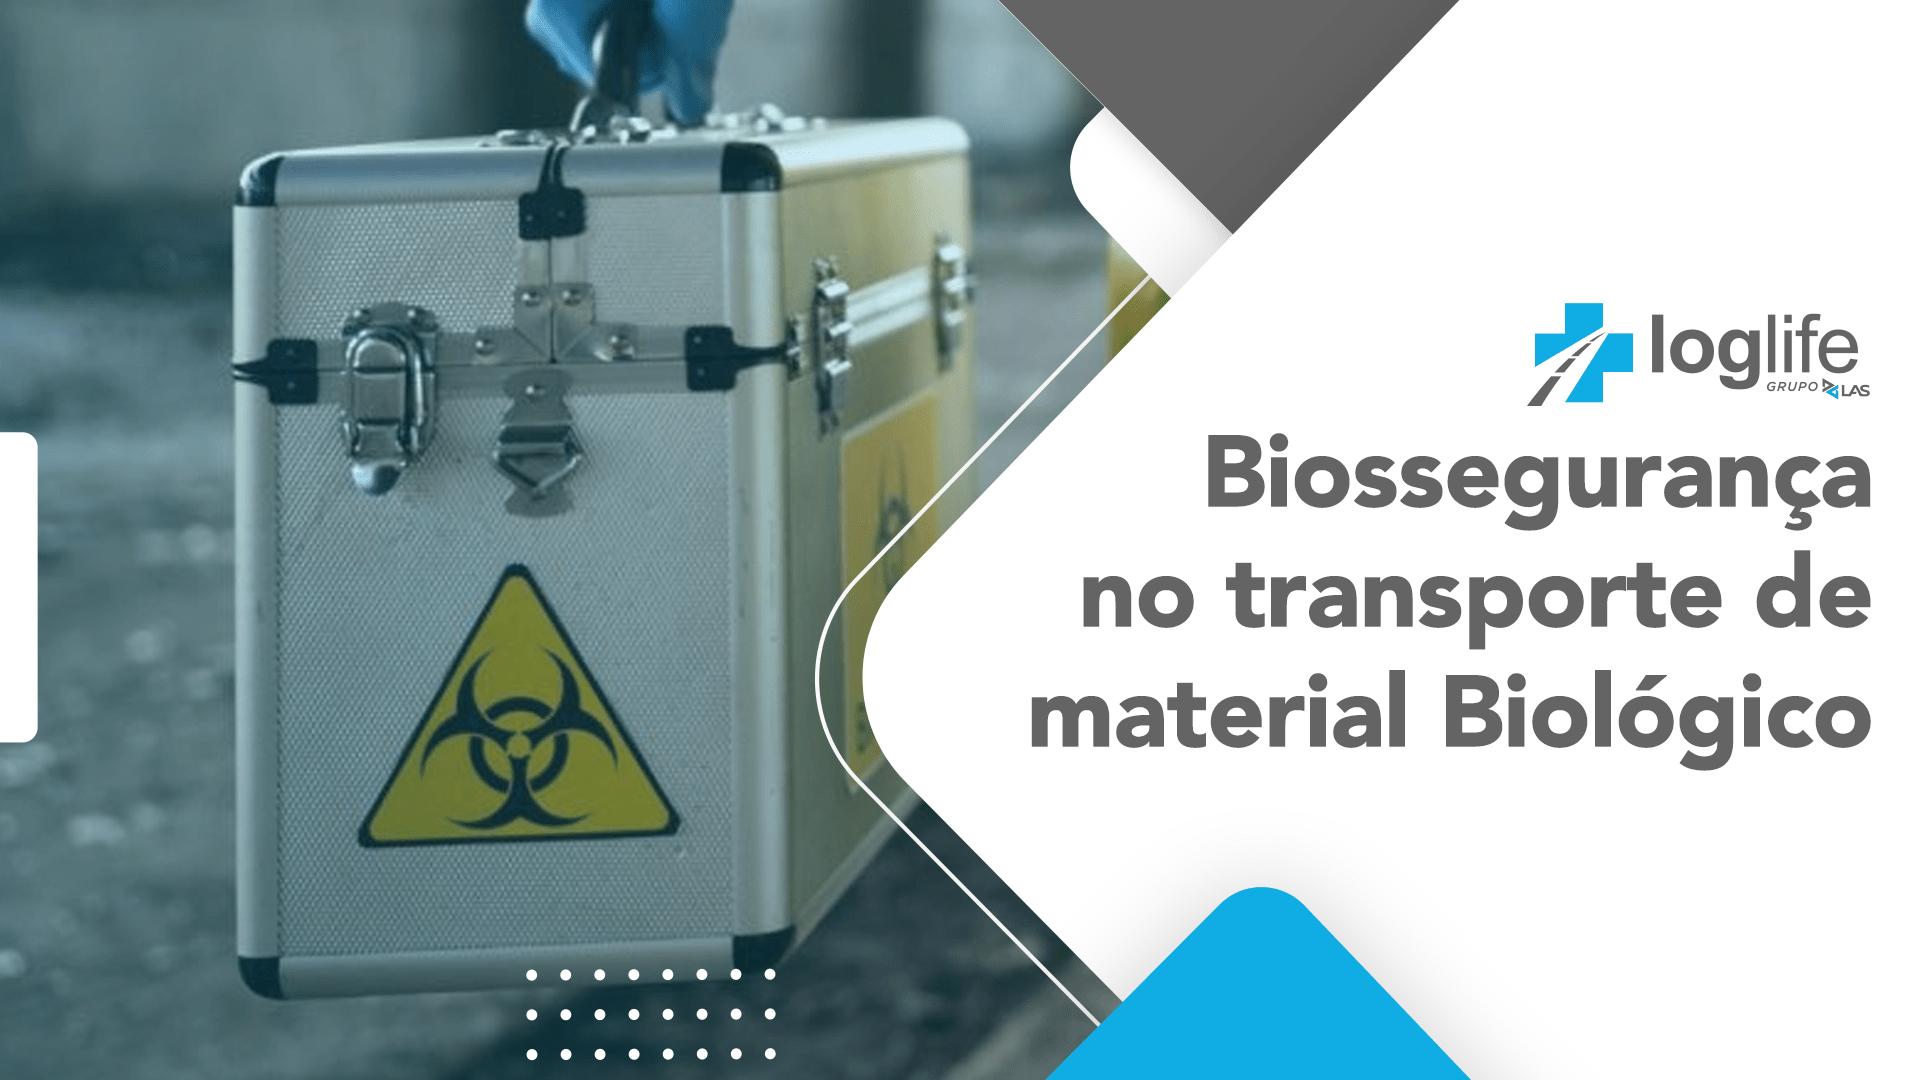 Biossegurança no transporte de material biológico